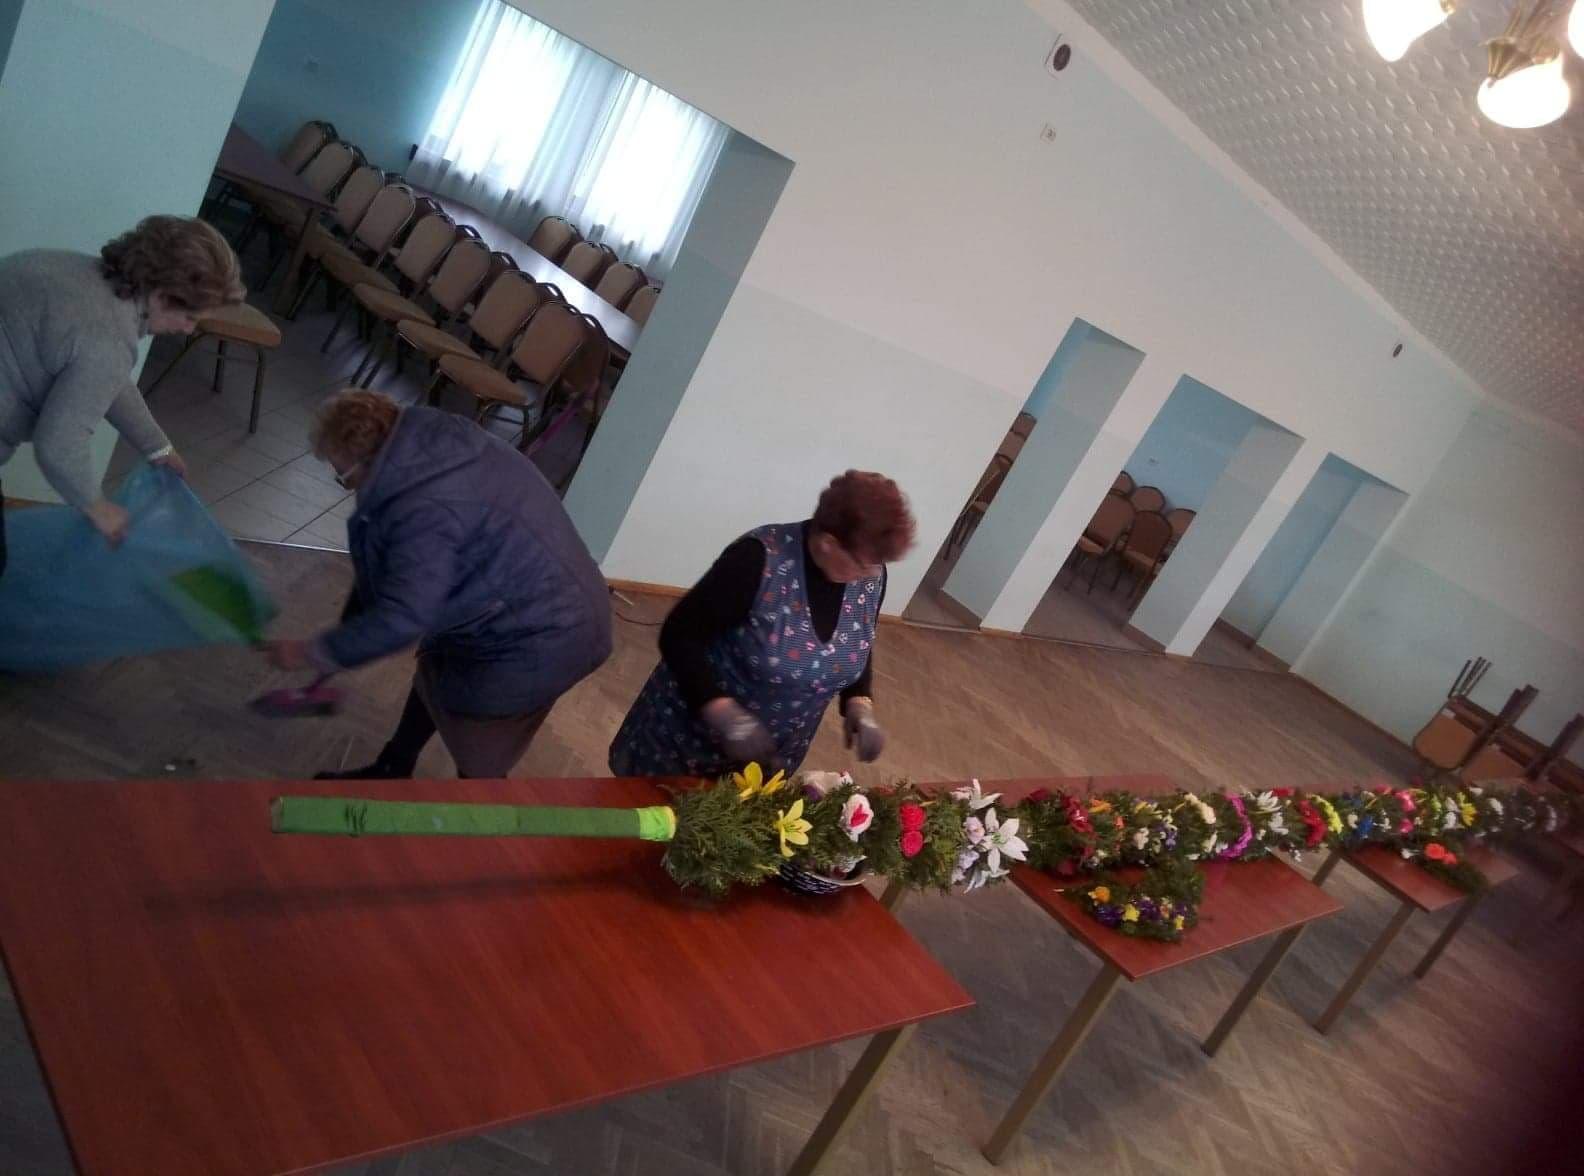 Oglądasz obraz z artykułu: KGW - Przygotowania do niedzieli palmowej